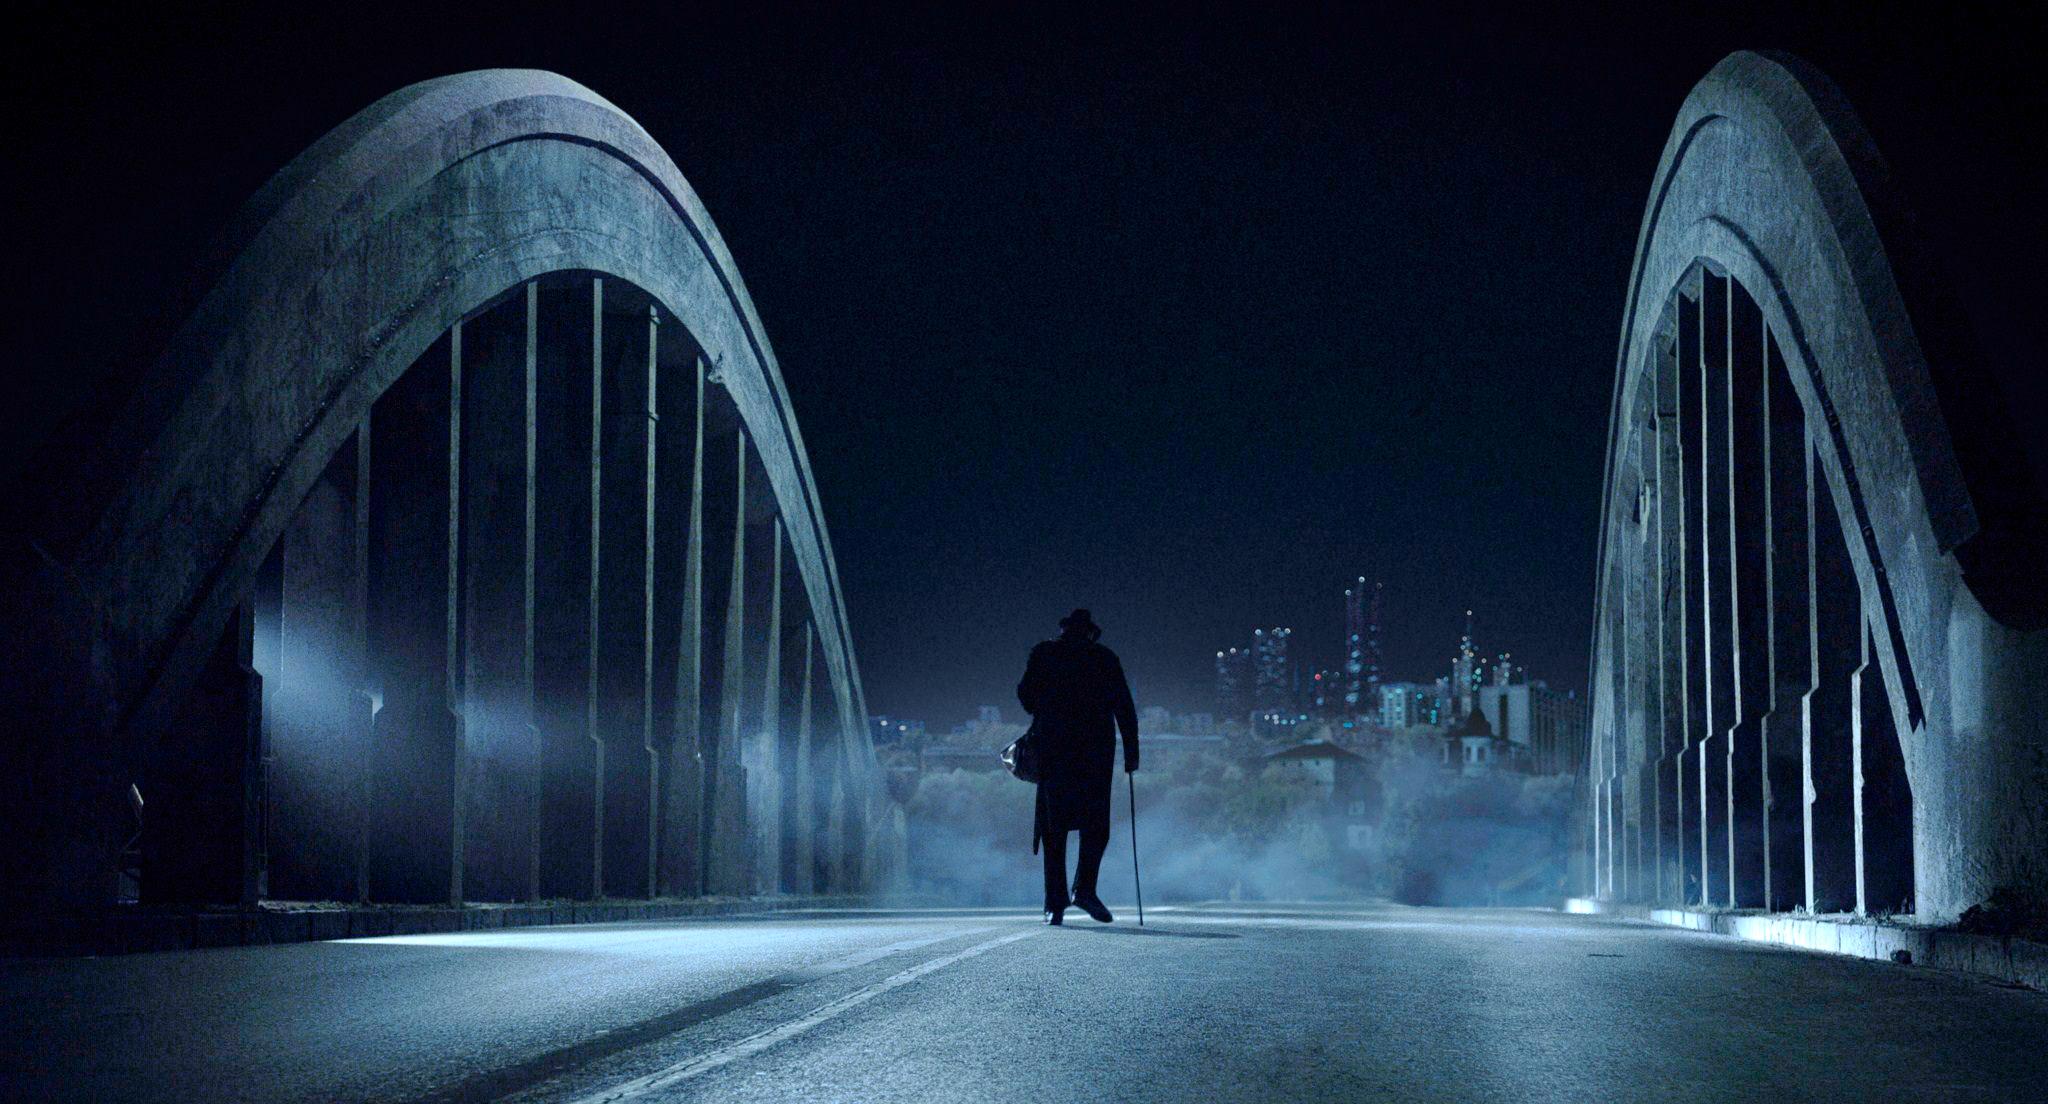 La Ville est calme - pont